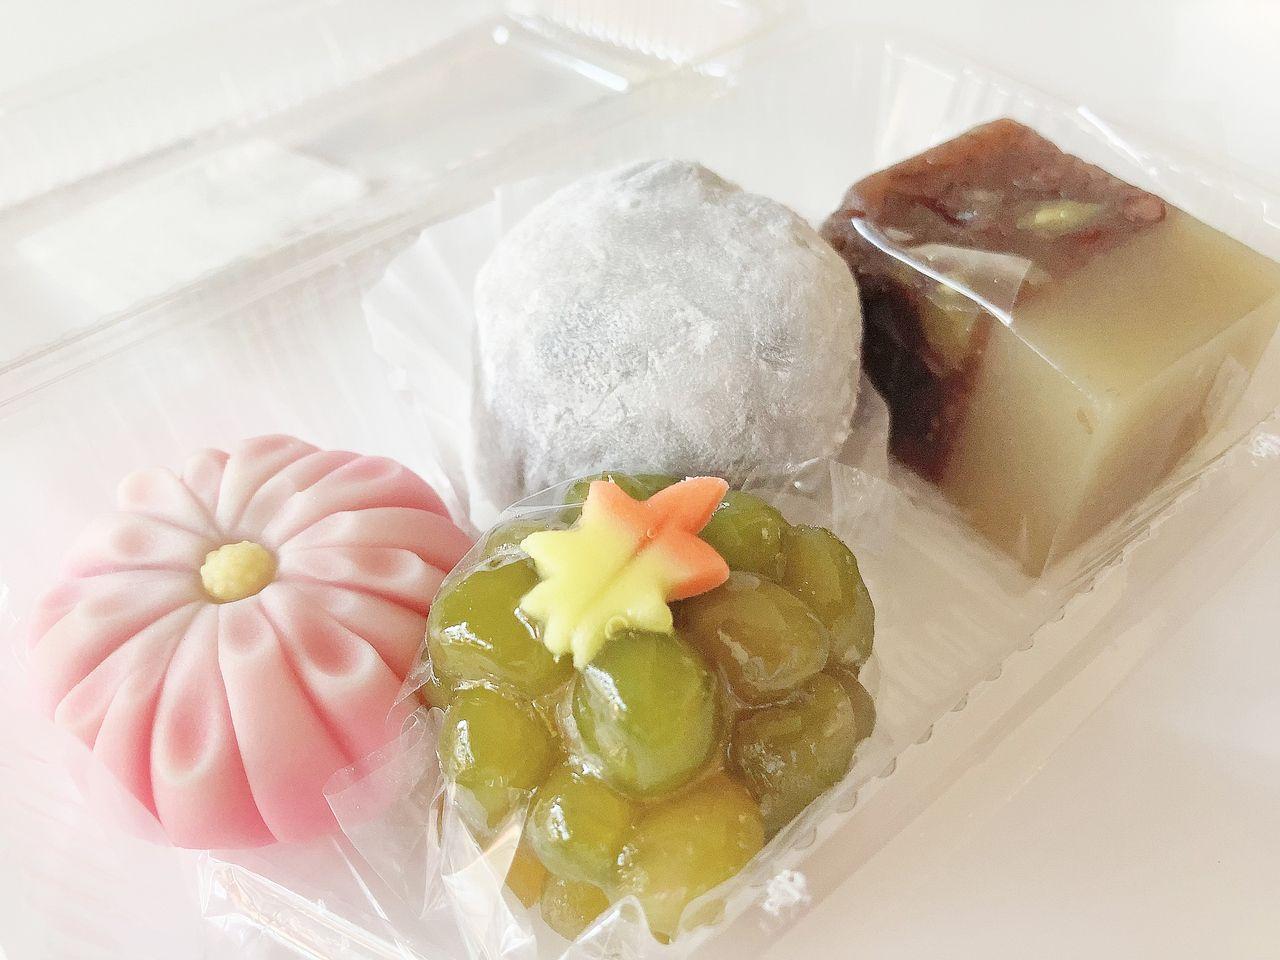 和菓子処おおいしの練り切りなど